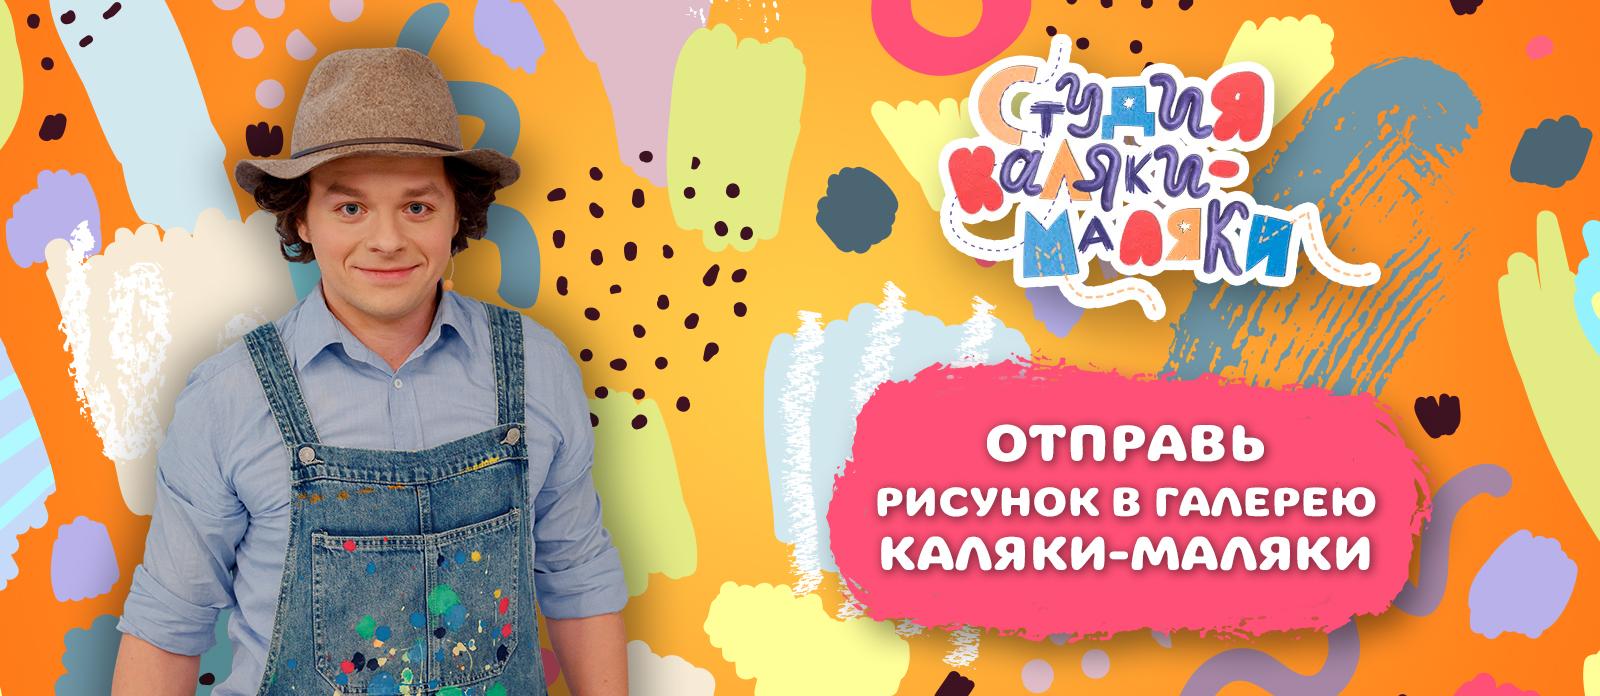 Галерея Каляки-Маляки